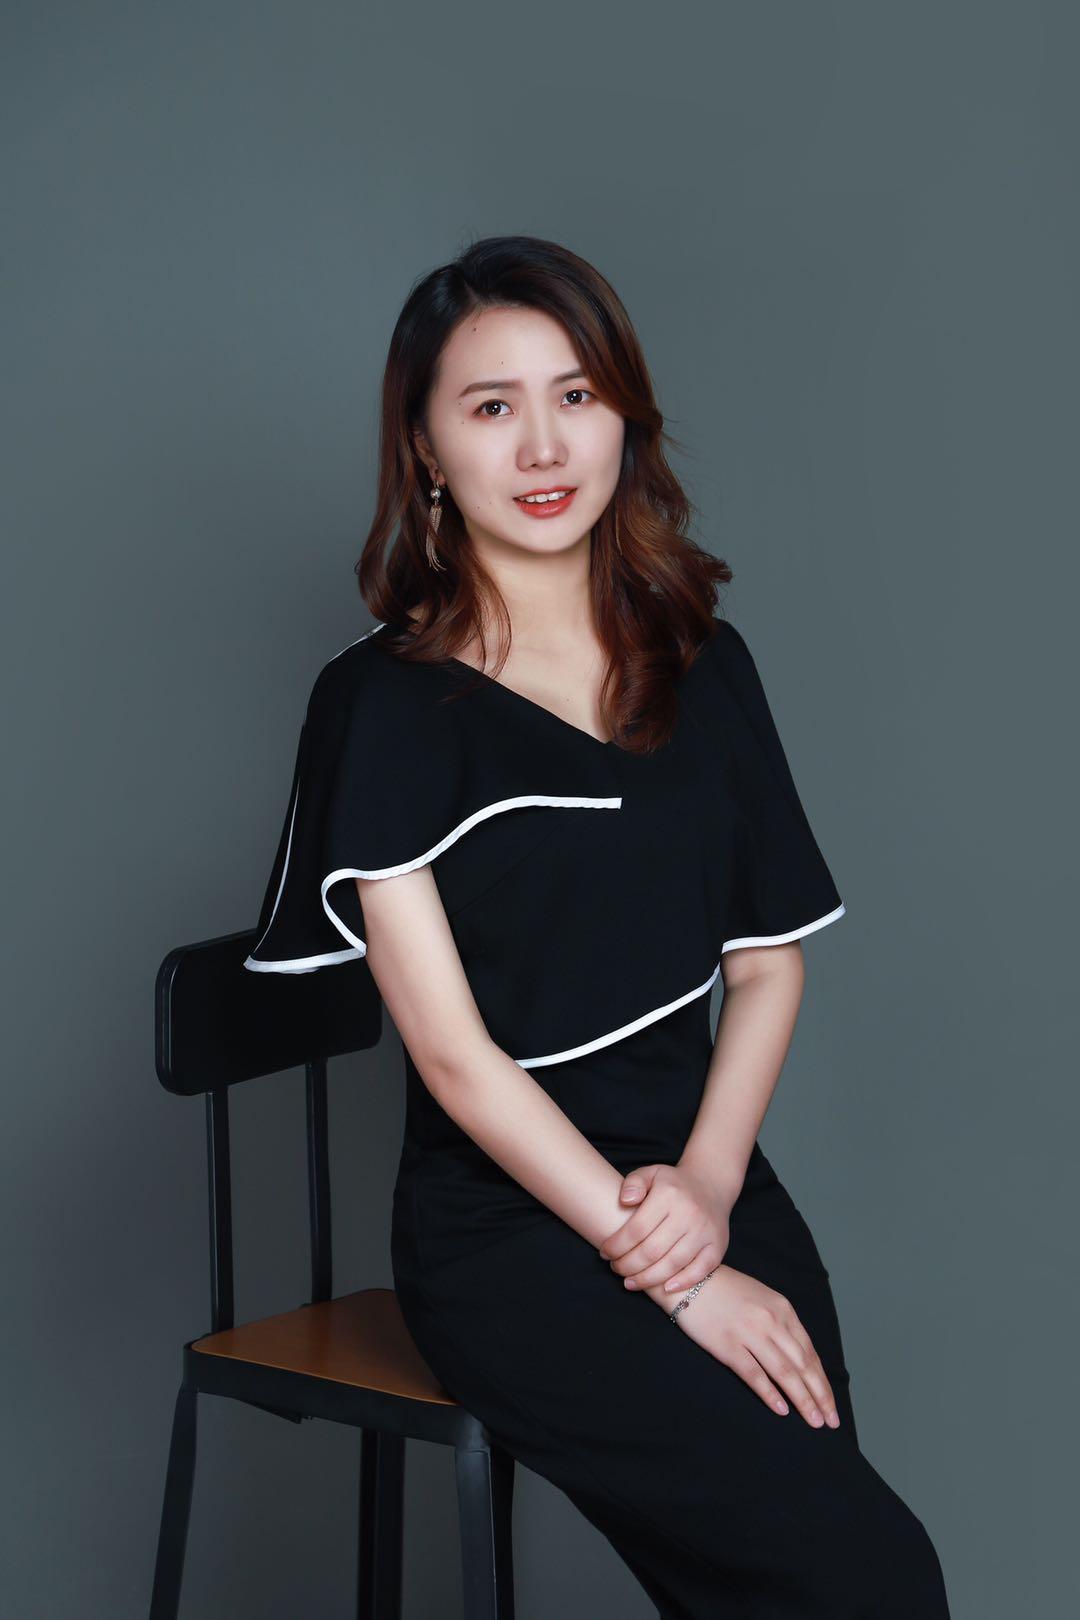 锦华装饰设计师-朱颖婕